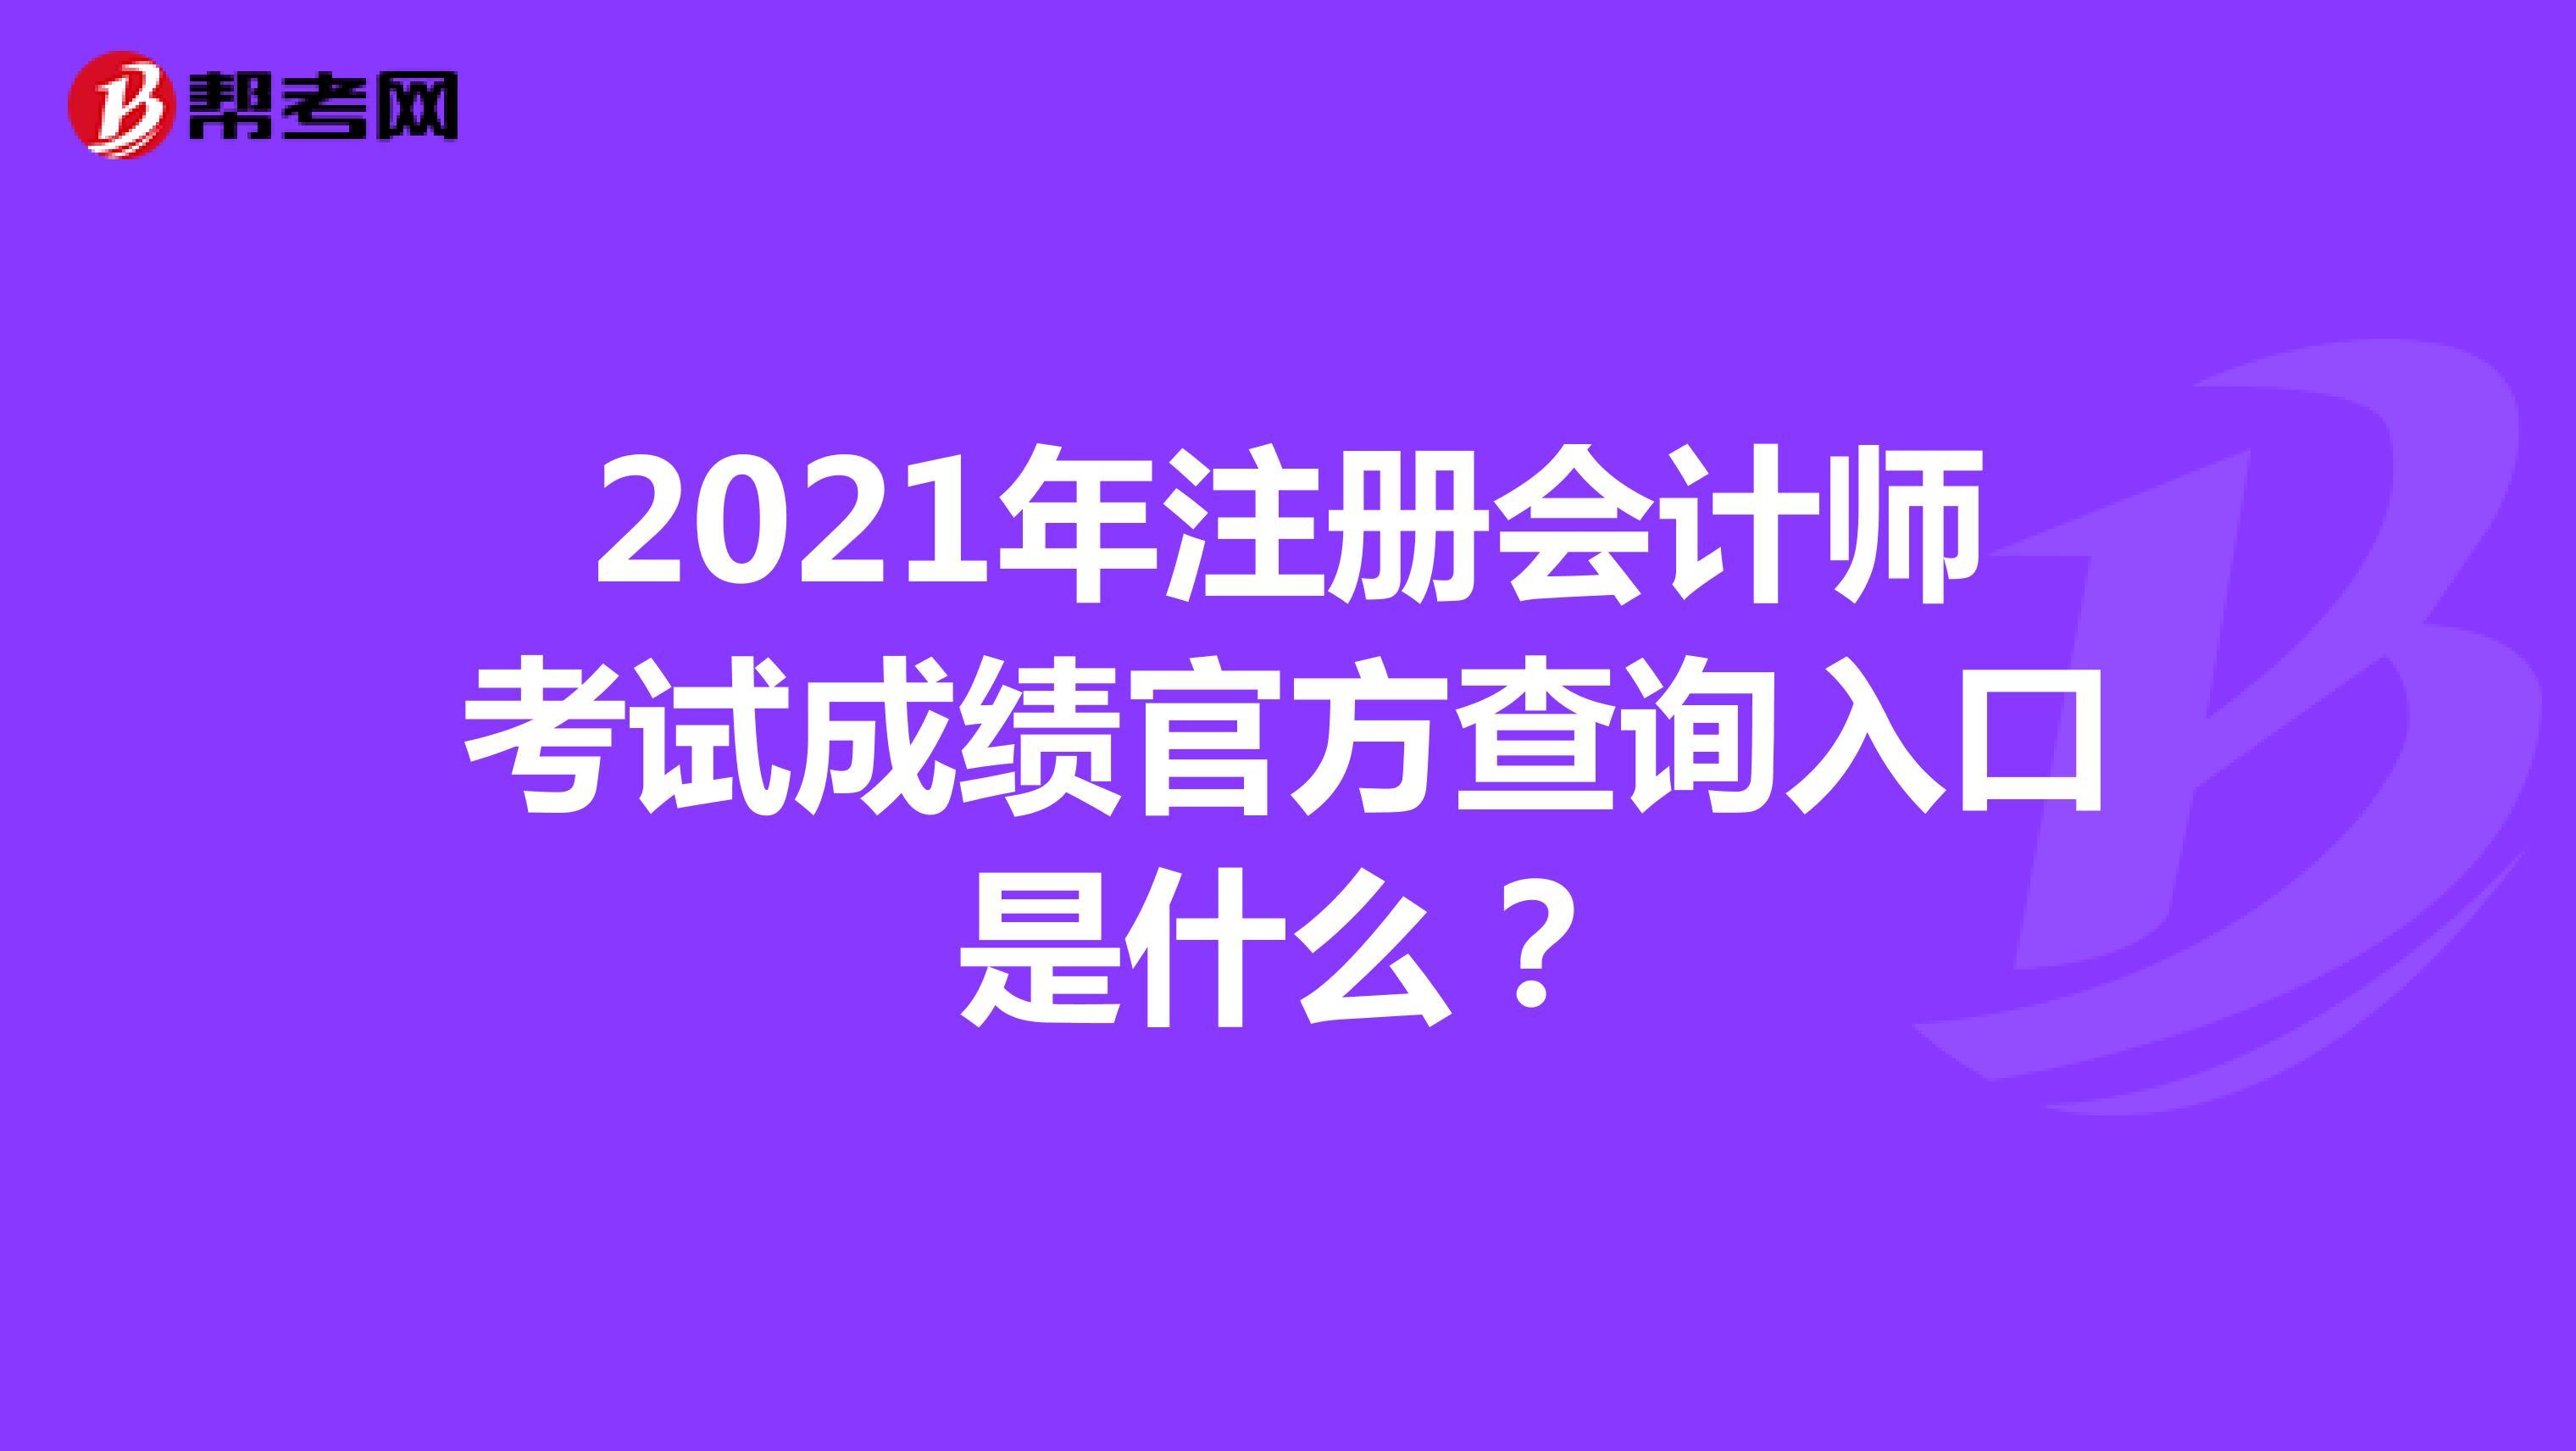 2021年注册会计师考试成绩官方查询入口是什么?